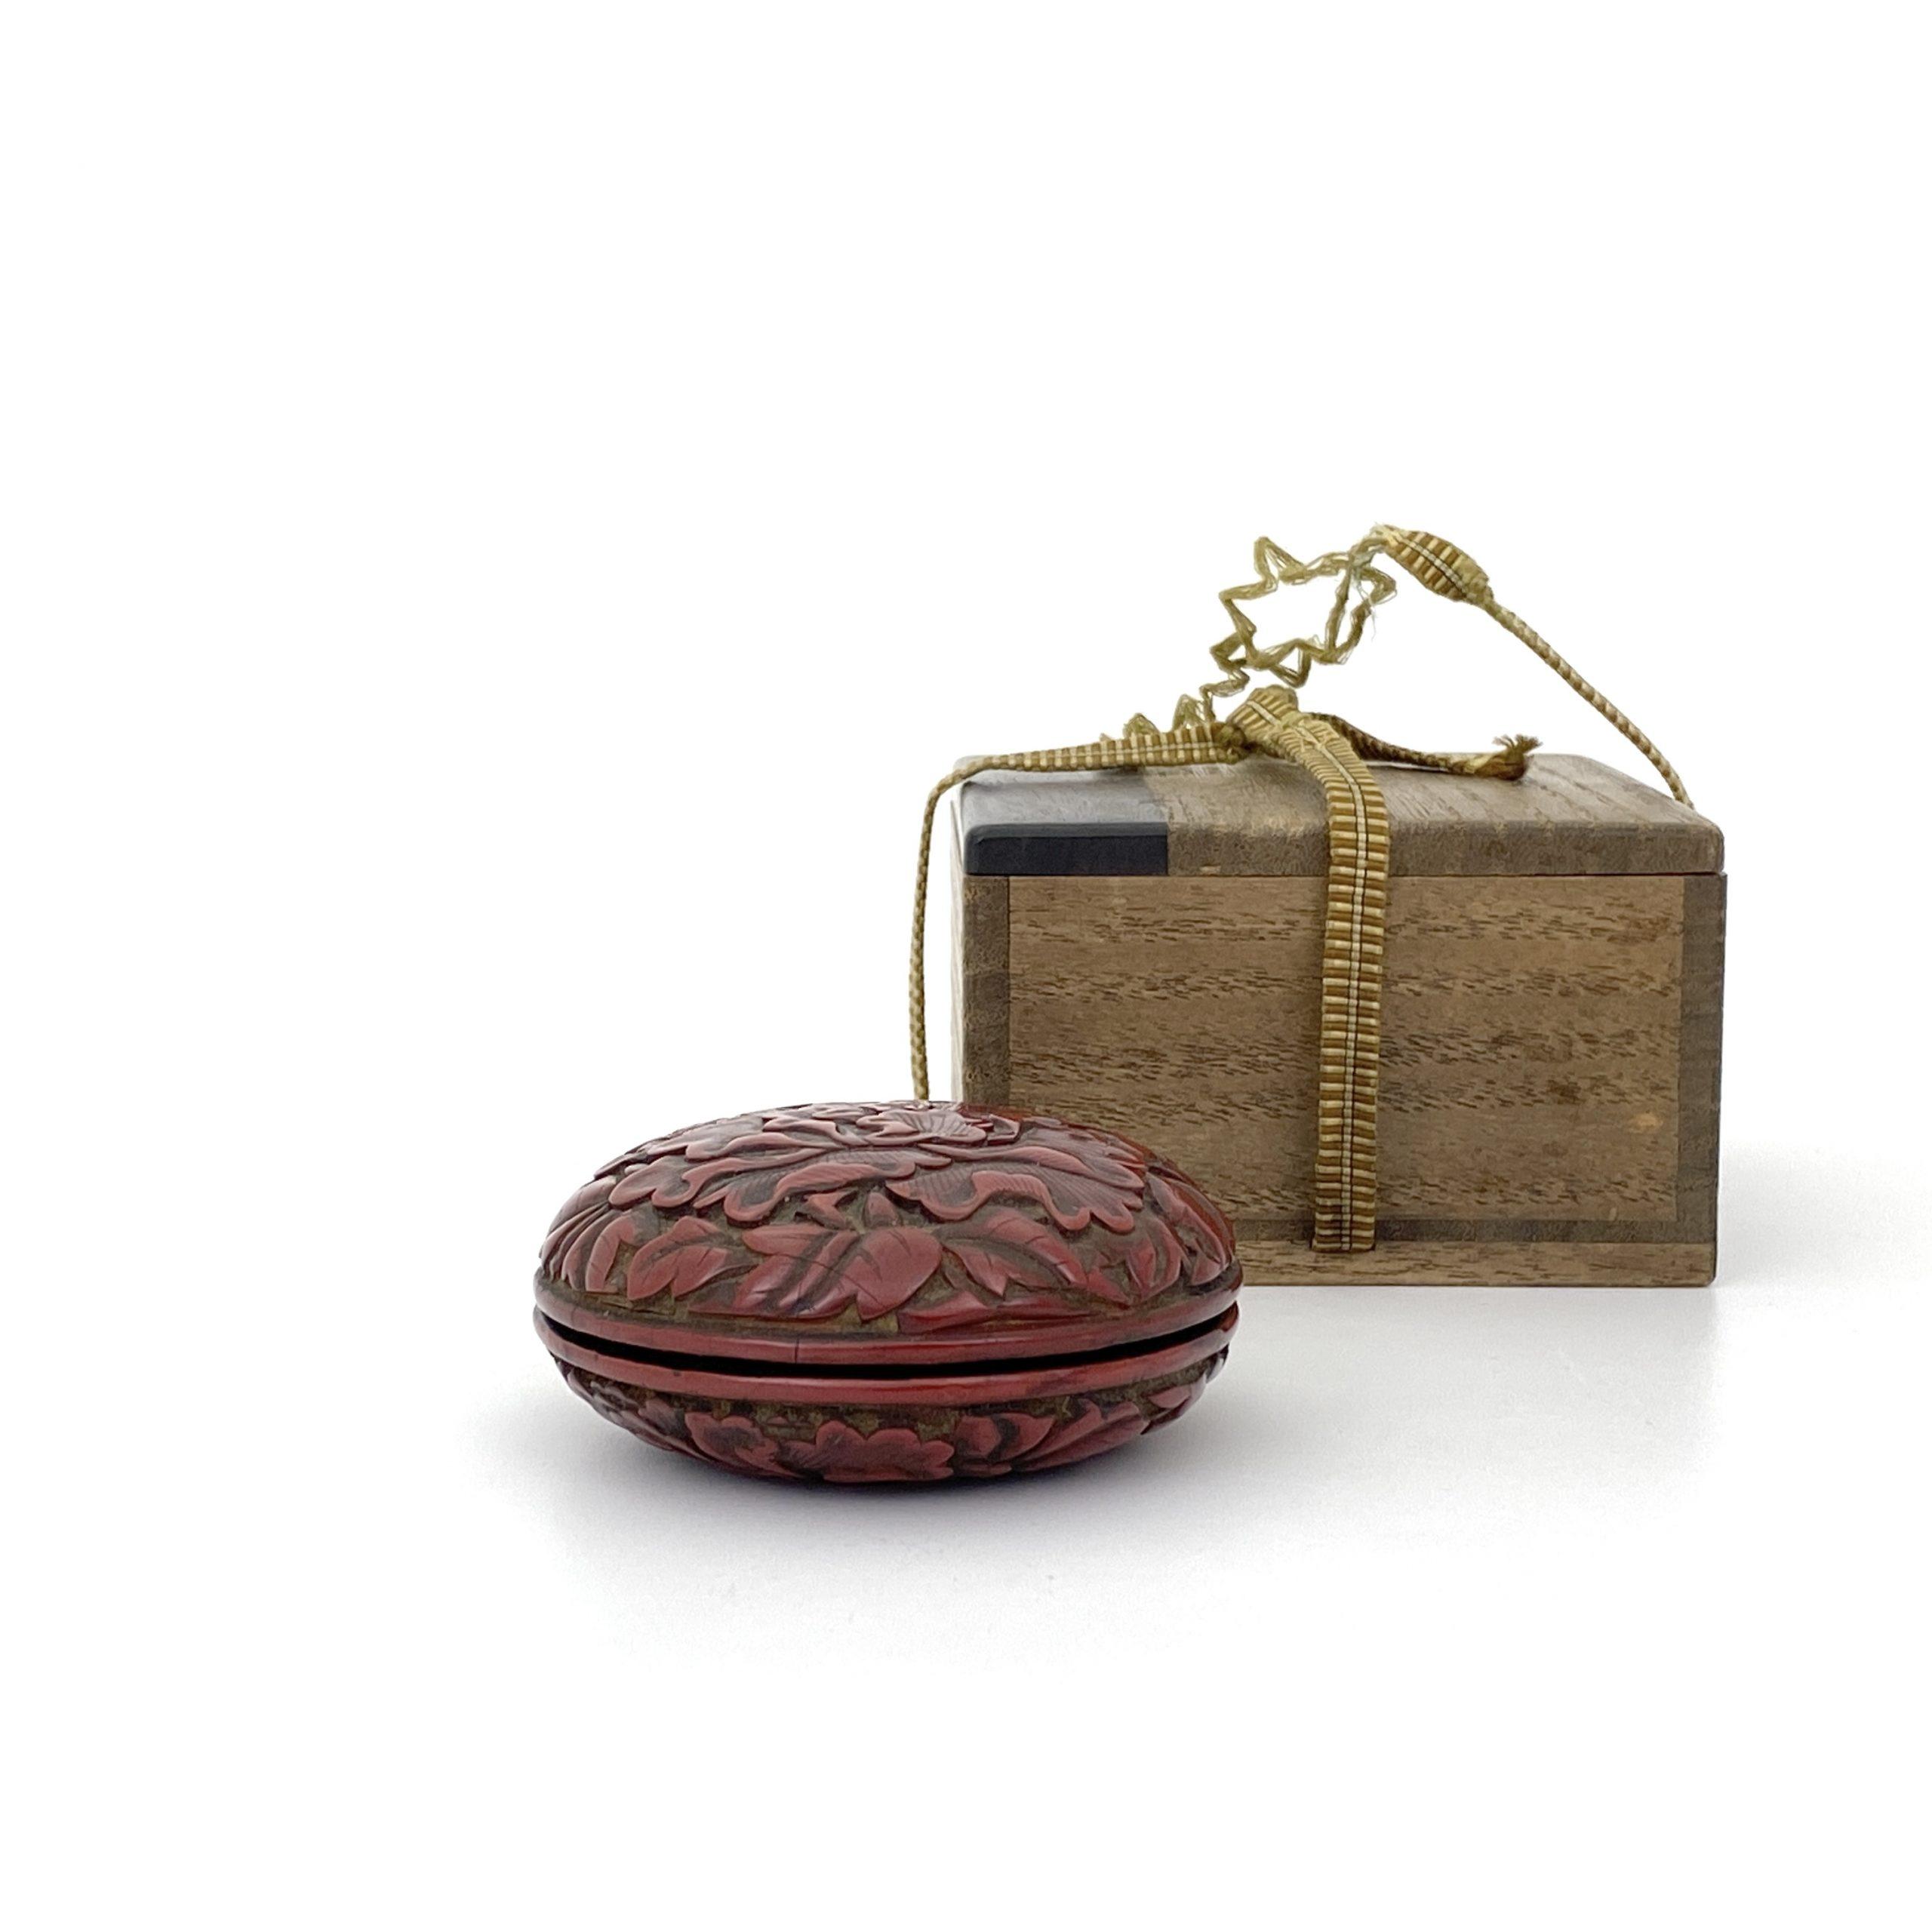 21657明 剔紅雕 花紋 圓盒